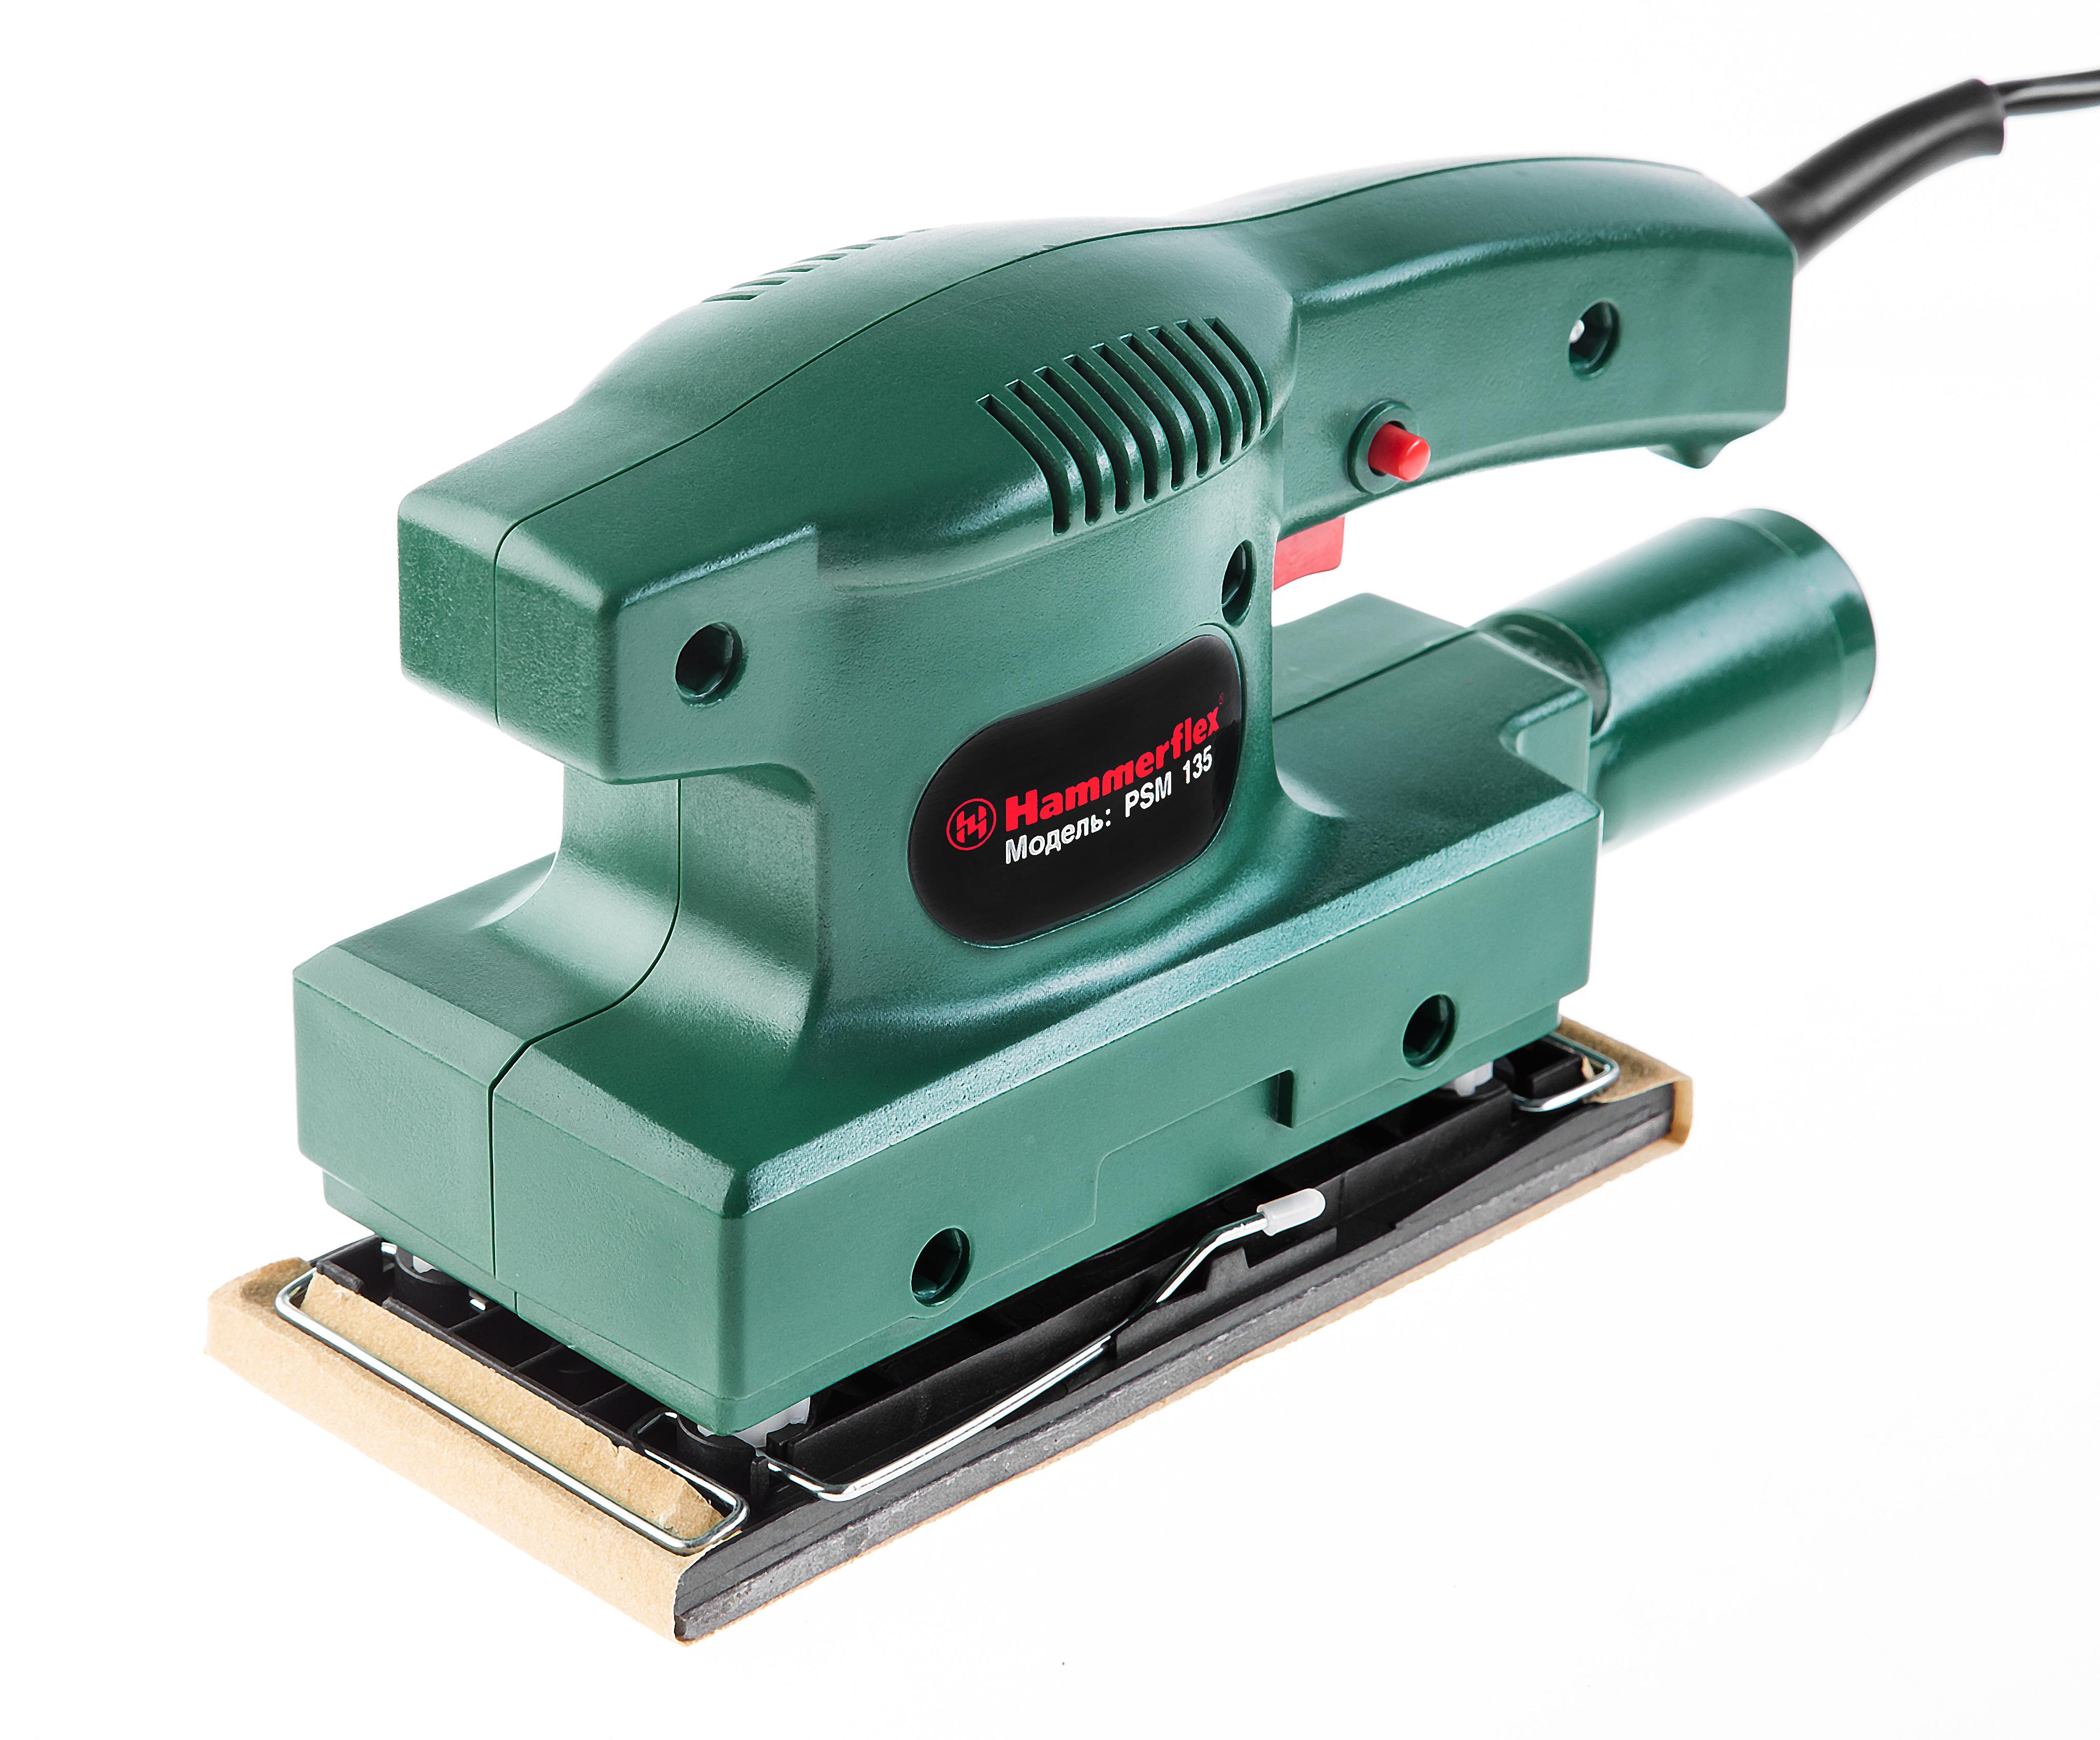 Машинка шлифовальная плоская (вибрационная) Hammer Psm135 машинка шлифовальная плоская вибрационная bosch gss 23 ae 0 601 070 721